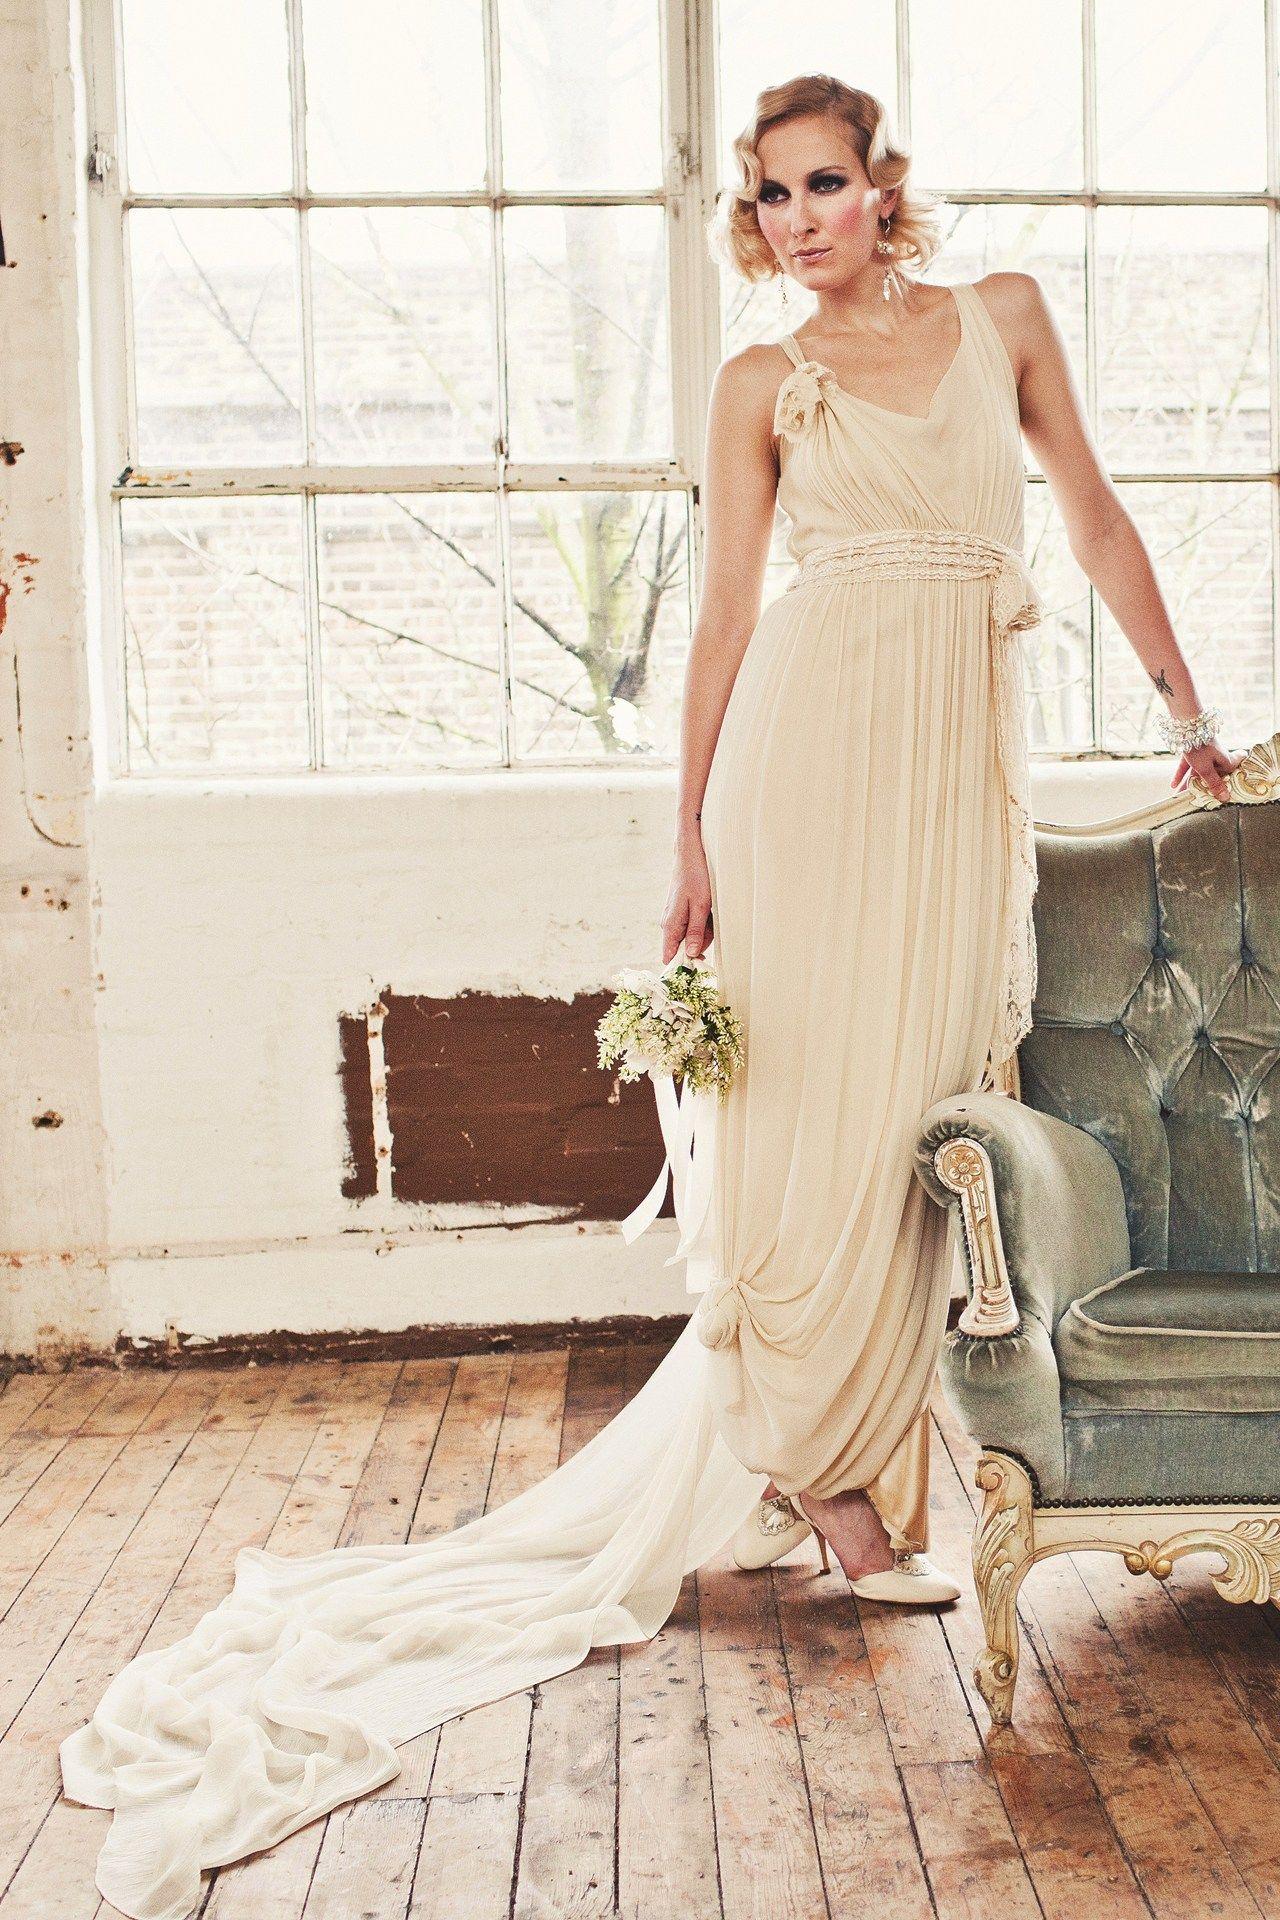 File not found (BridesMagazine.co.uk) | Pinterest | Wedding themes ...